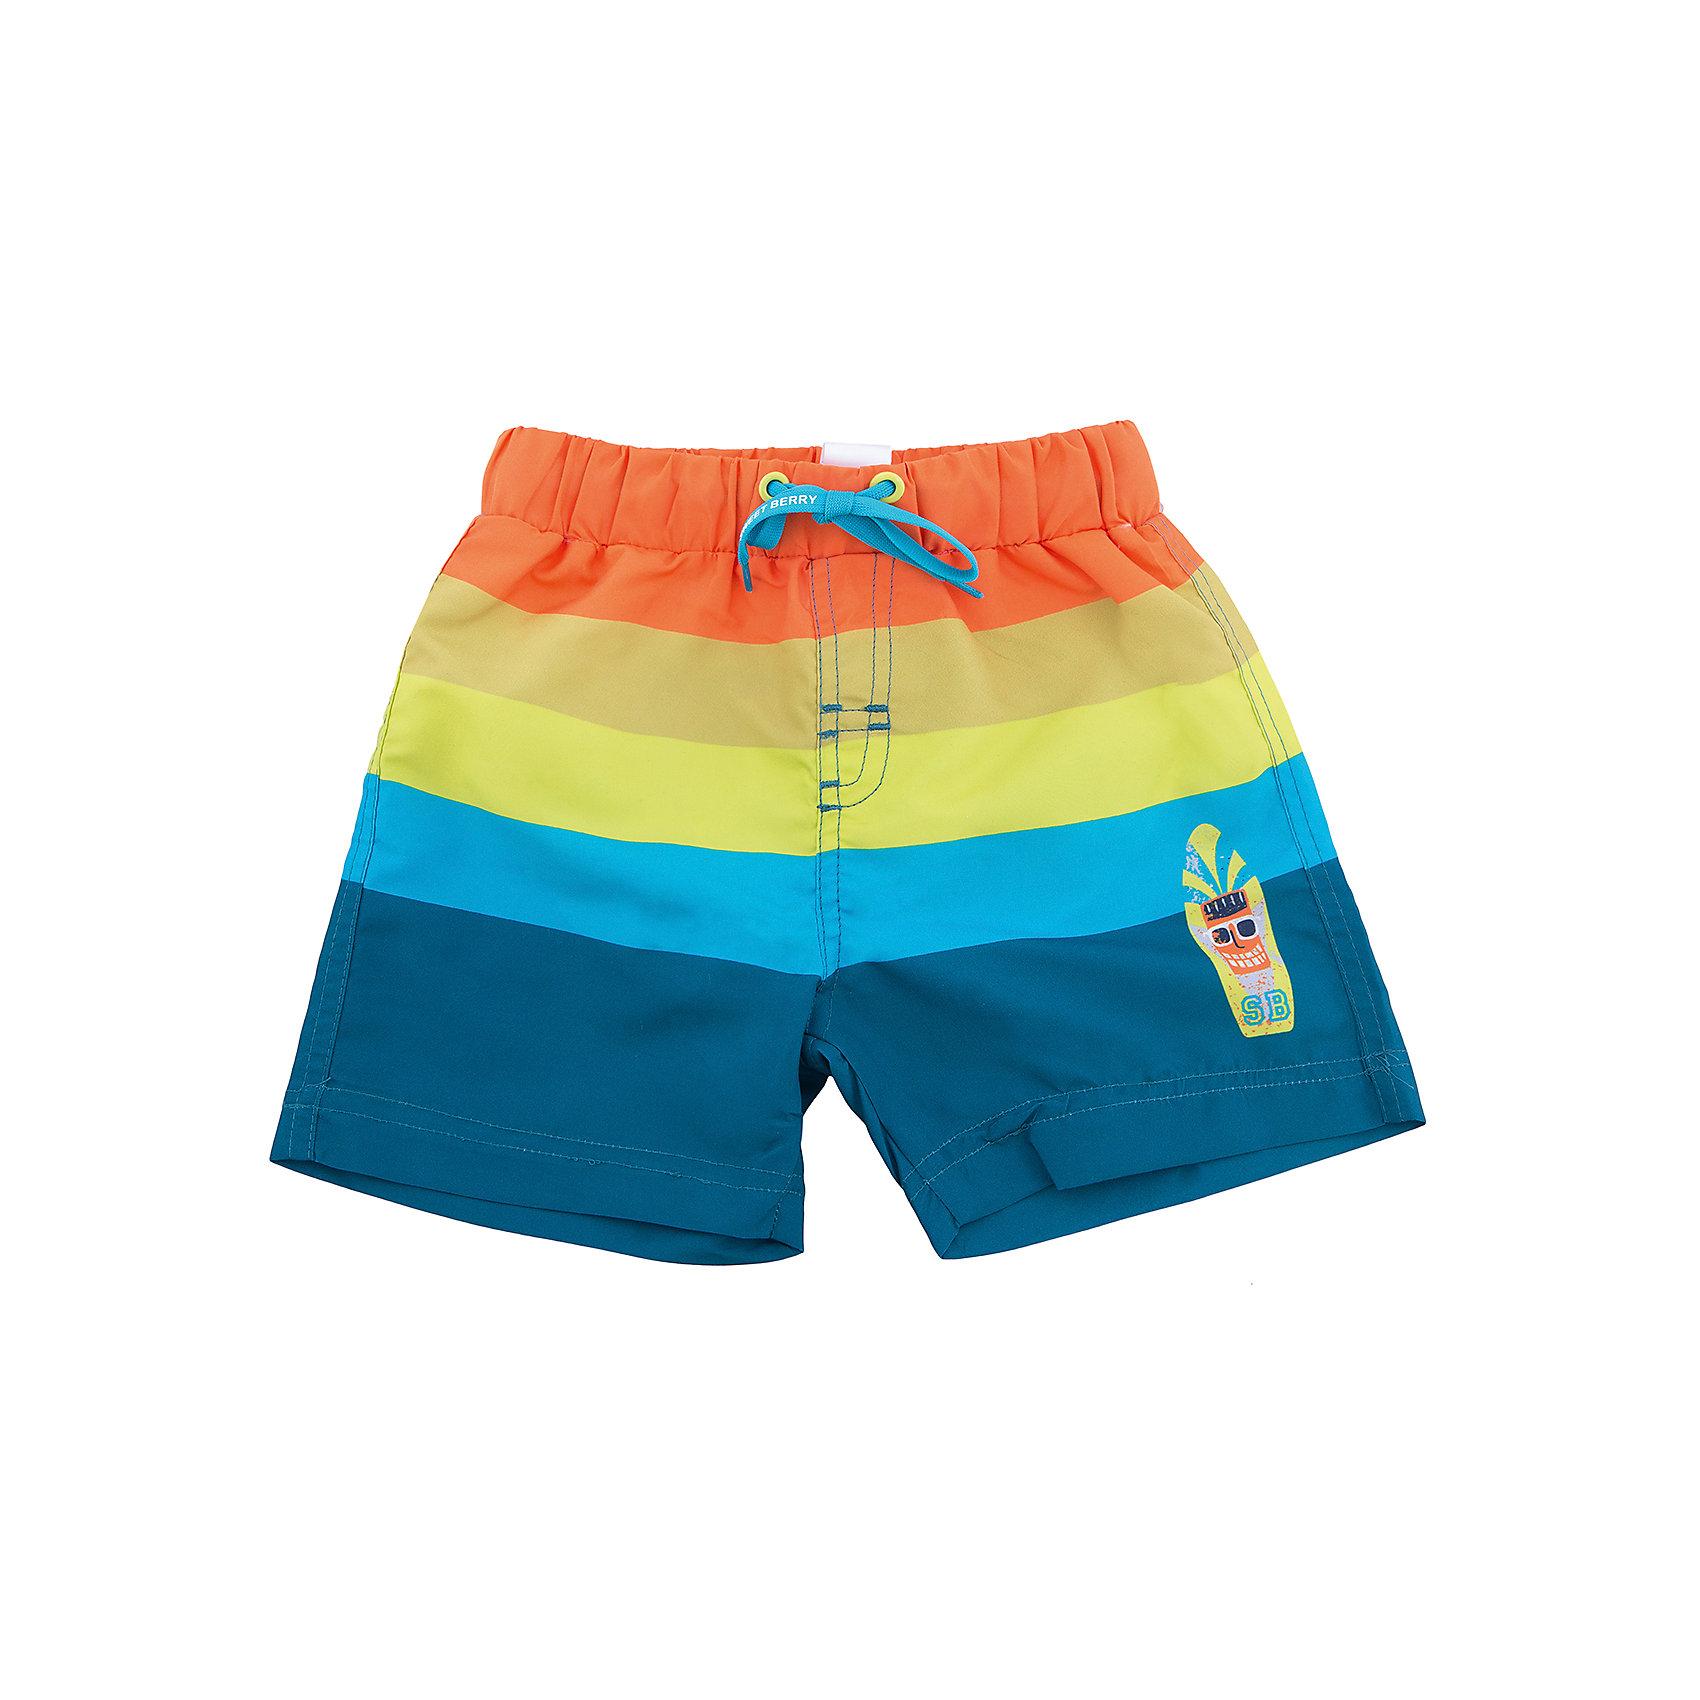 Шорты пляжные для мальчика Sweet BerryШорты пляжные для мальчика от известного бренда Sweet Berry.<br>Состав:<br>100% полиэстер<br><br>Ширина мм: 191<br>Глубина мм: 10<br>Высота мм: 175<br>Вес г: 273<br>Цвет: разноцветный<br>Возраст от месяцев: 36<br>Возраст до месяцев: 48<br>Пол: Мужской<br>Возраст: Детский<br>Размер: 104,92,98,110,116,122<br>SKU: 5411487